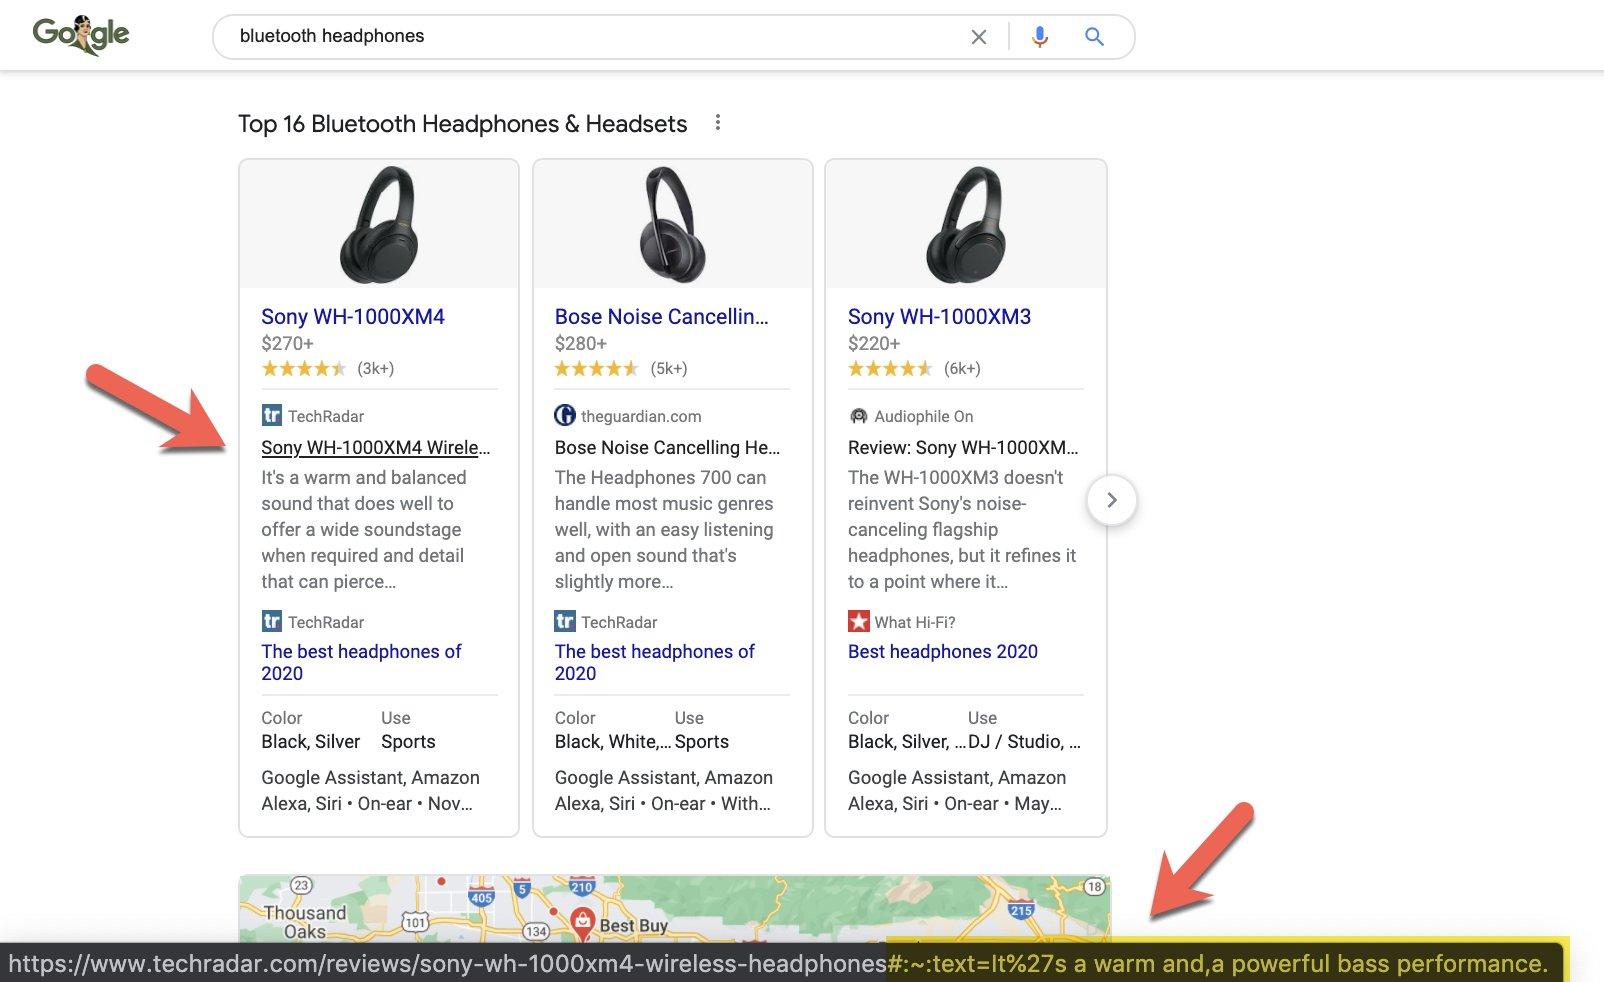 Google расширил функцию Scroll-to-text на результаты товарного поиска